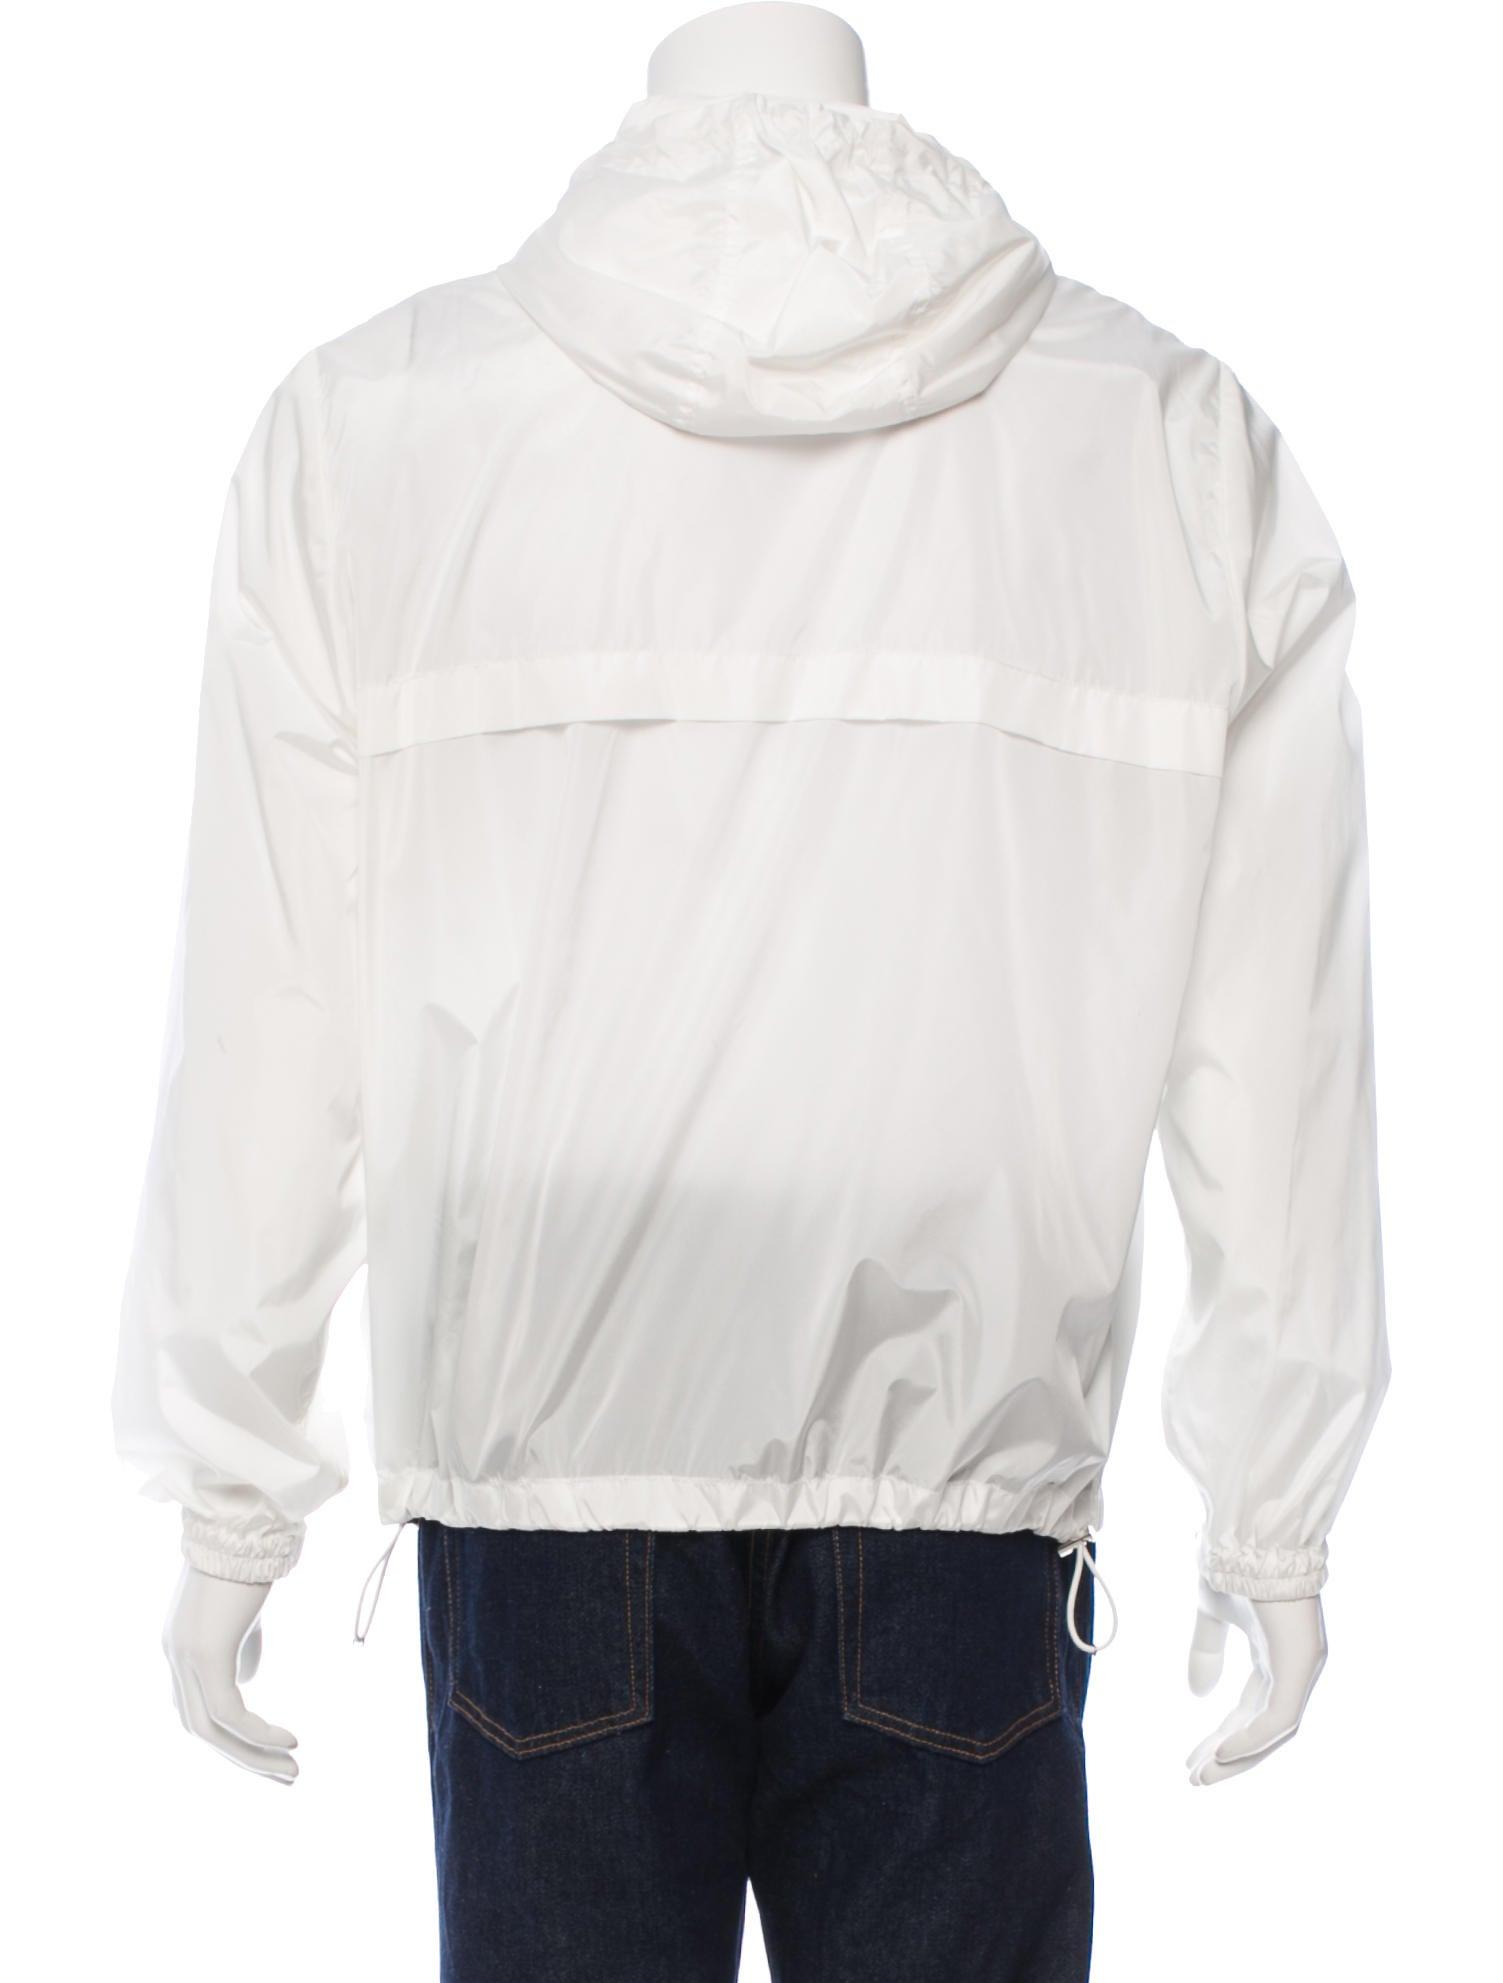 Fayence Windbreaker Jacket